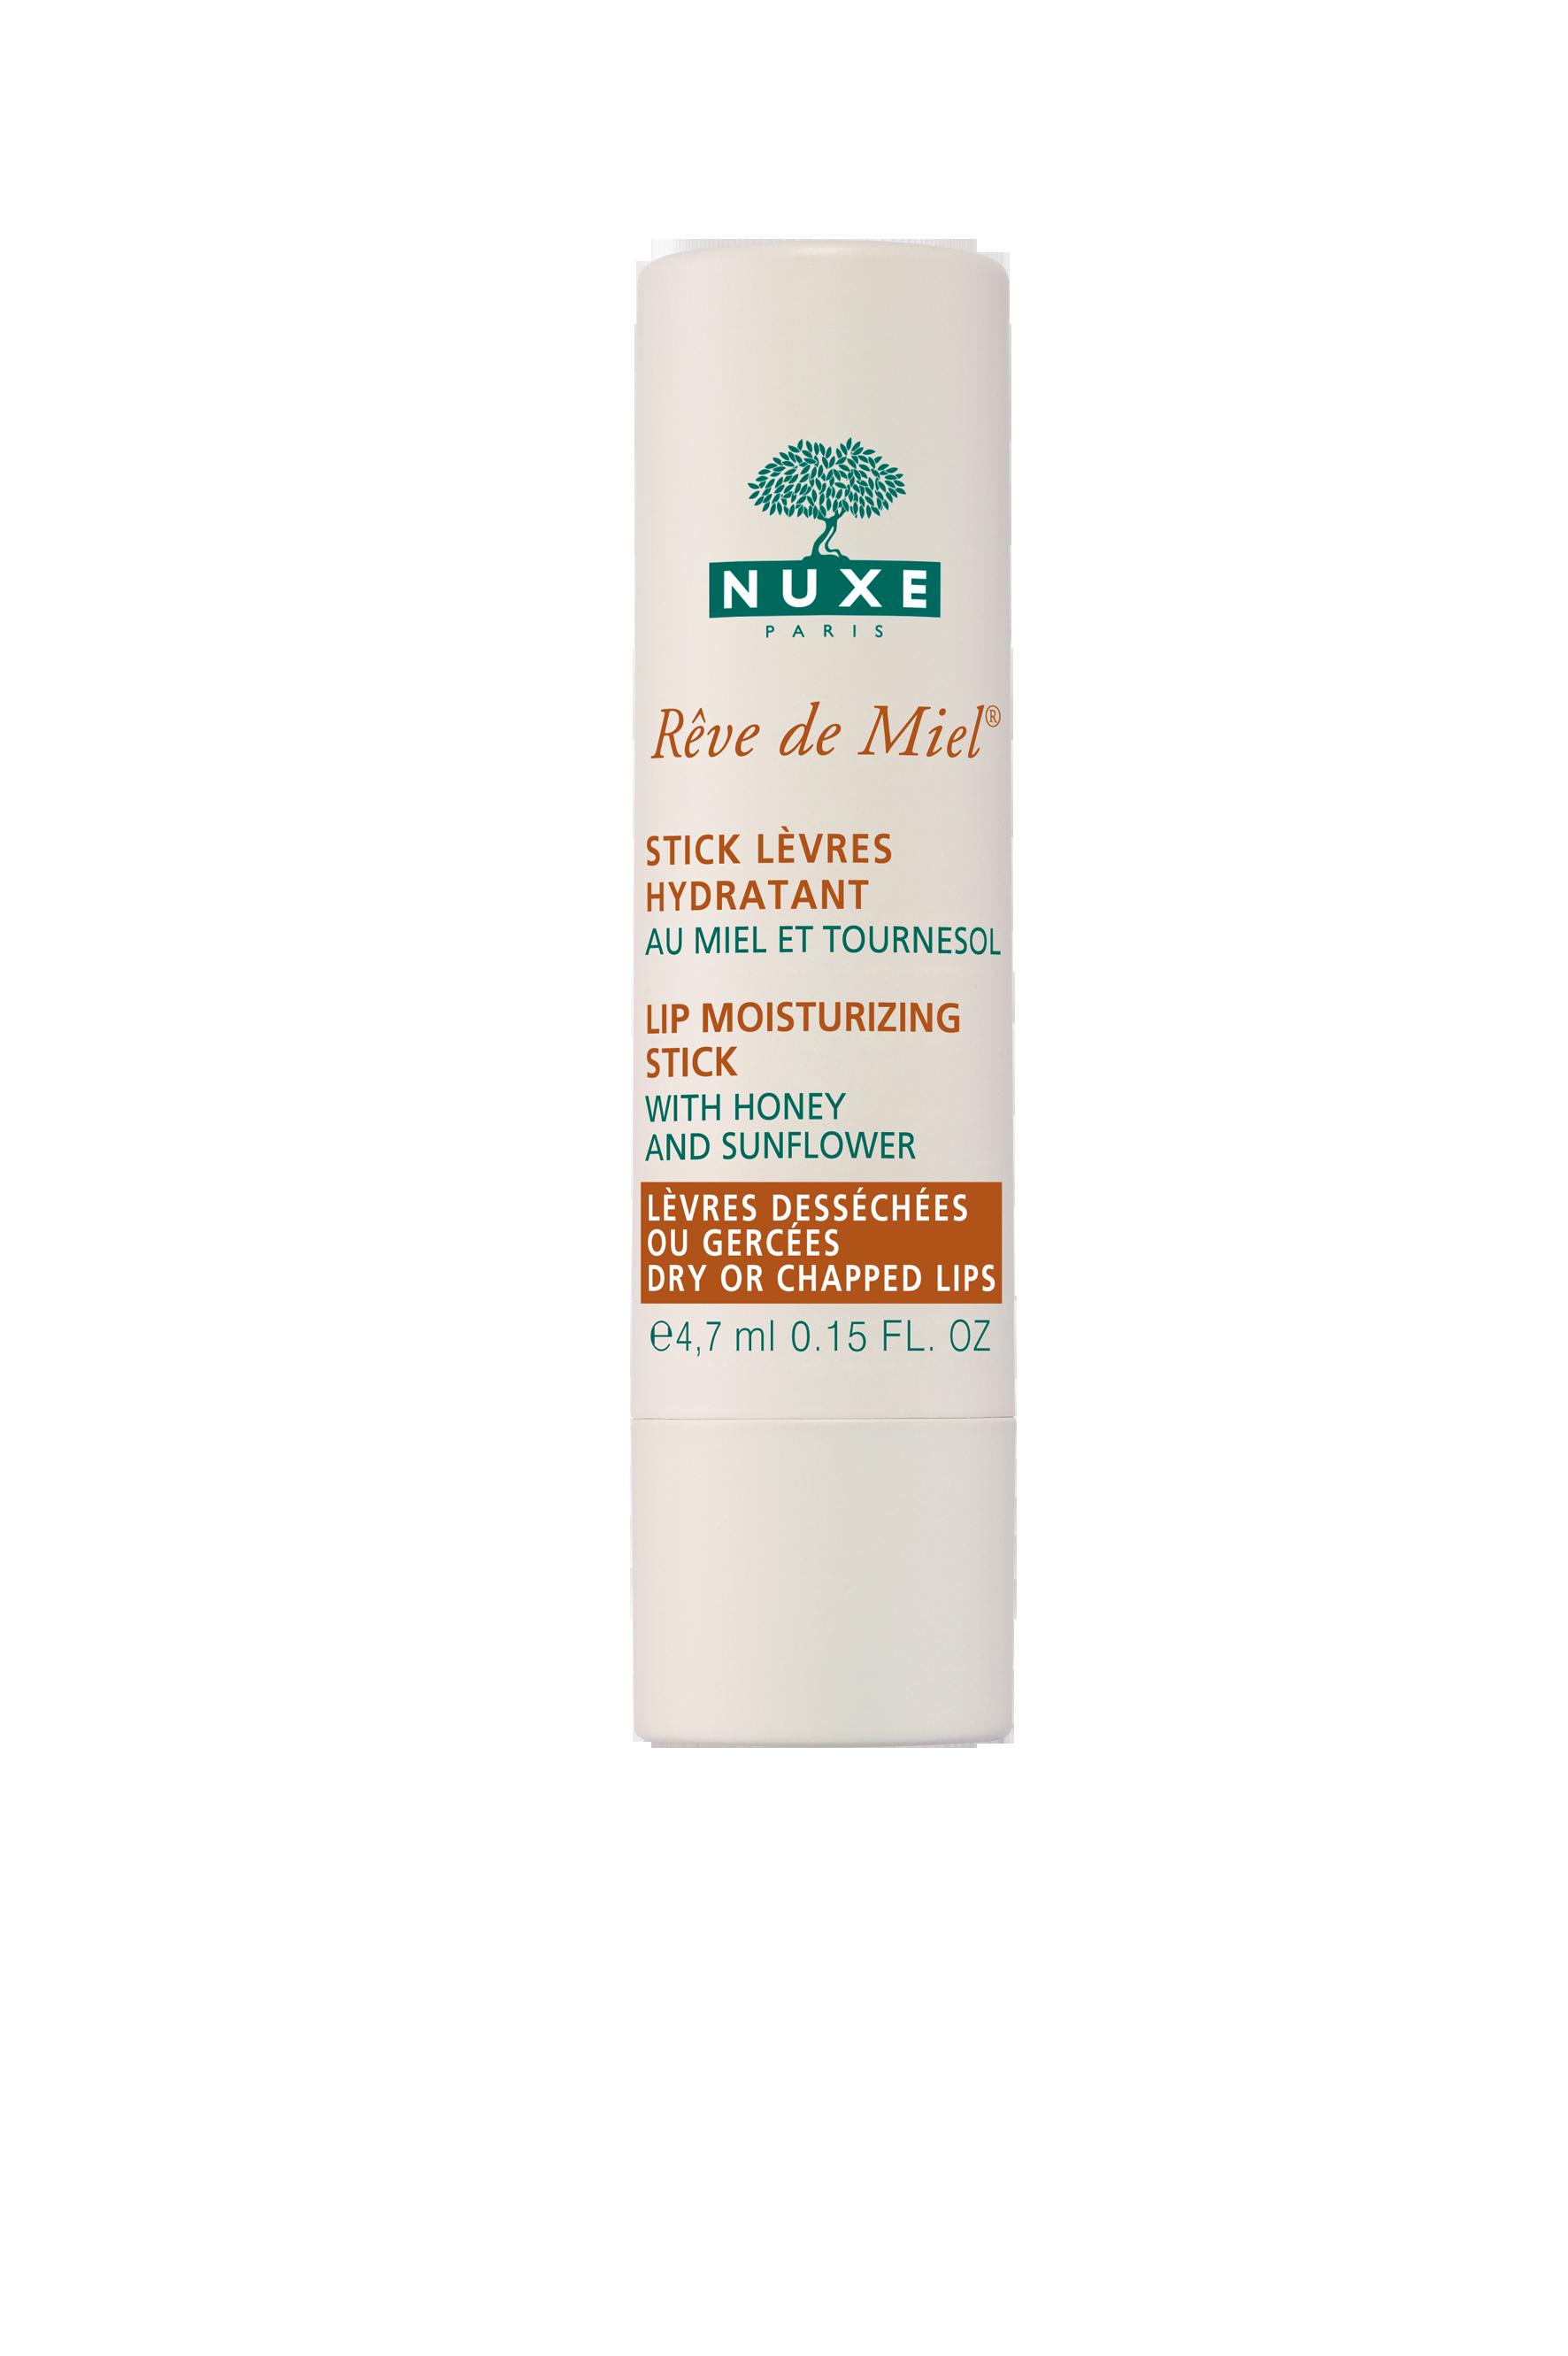 Nuxe Reve de Miel Stick Levres Lip Moisturizing Stick Ενυδάτωση Χειλιών 4.4gr